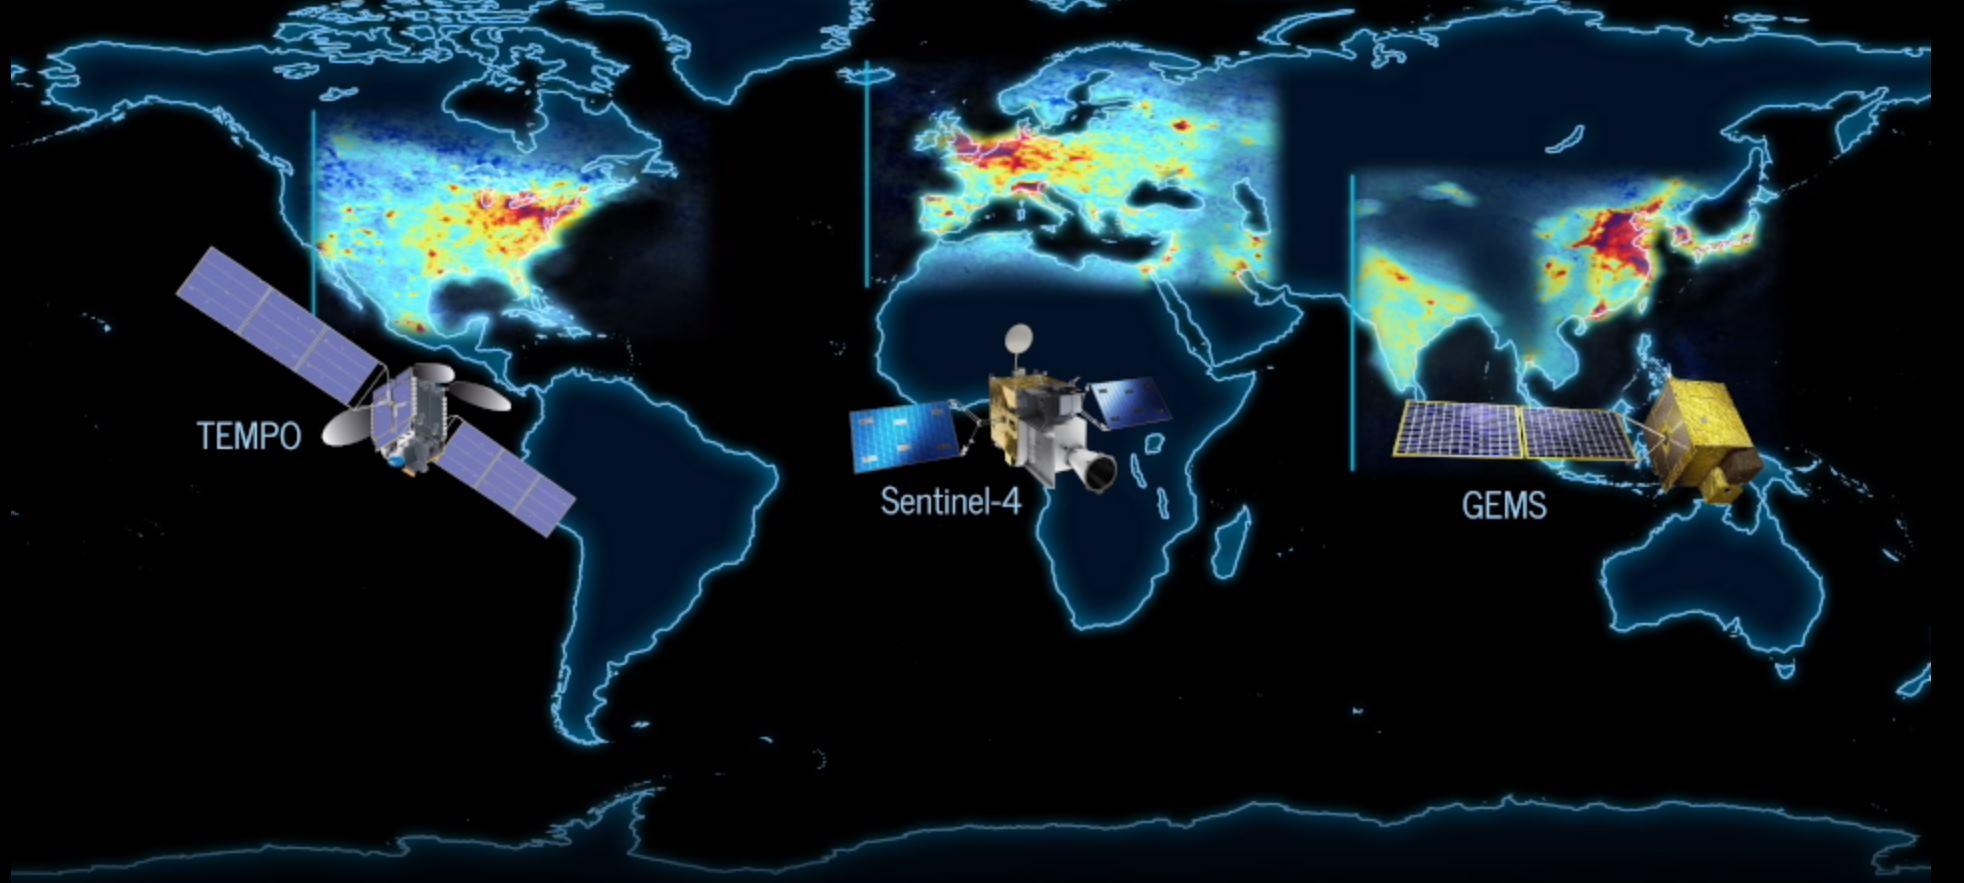 Dentro de poco podremos analizar la polución de La Tierra casi en tiempo real